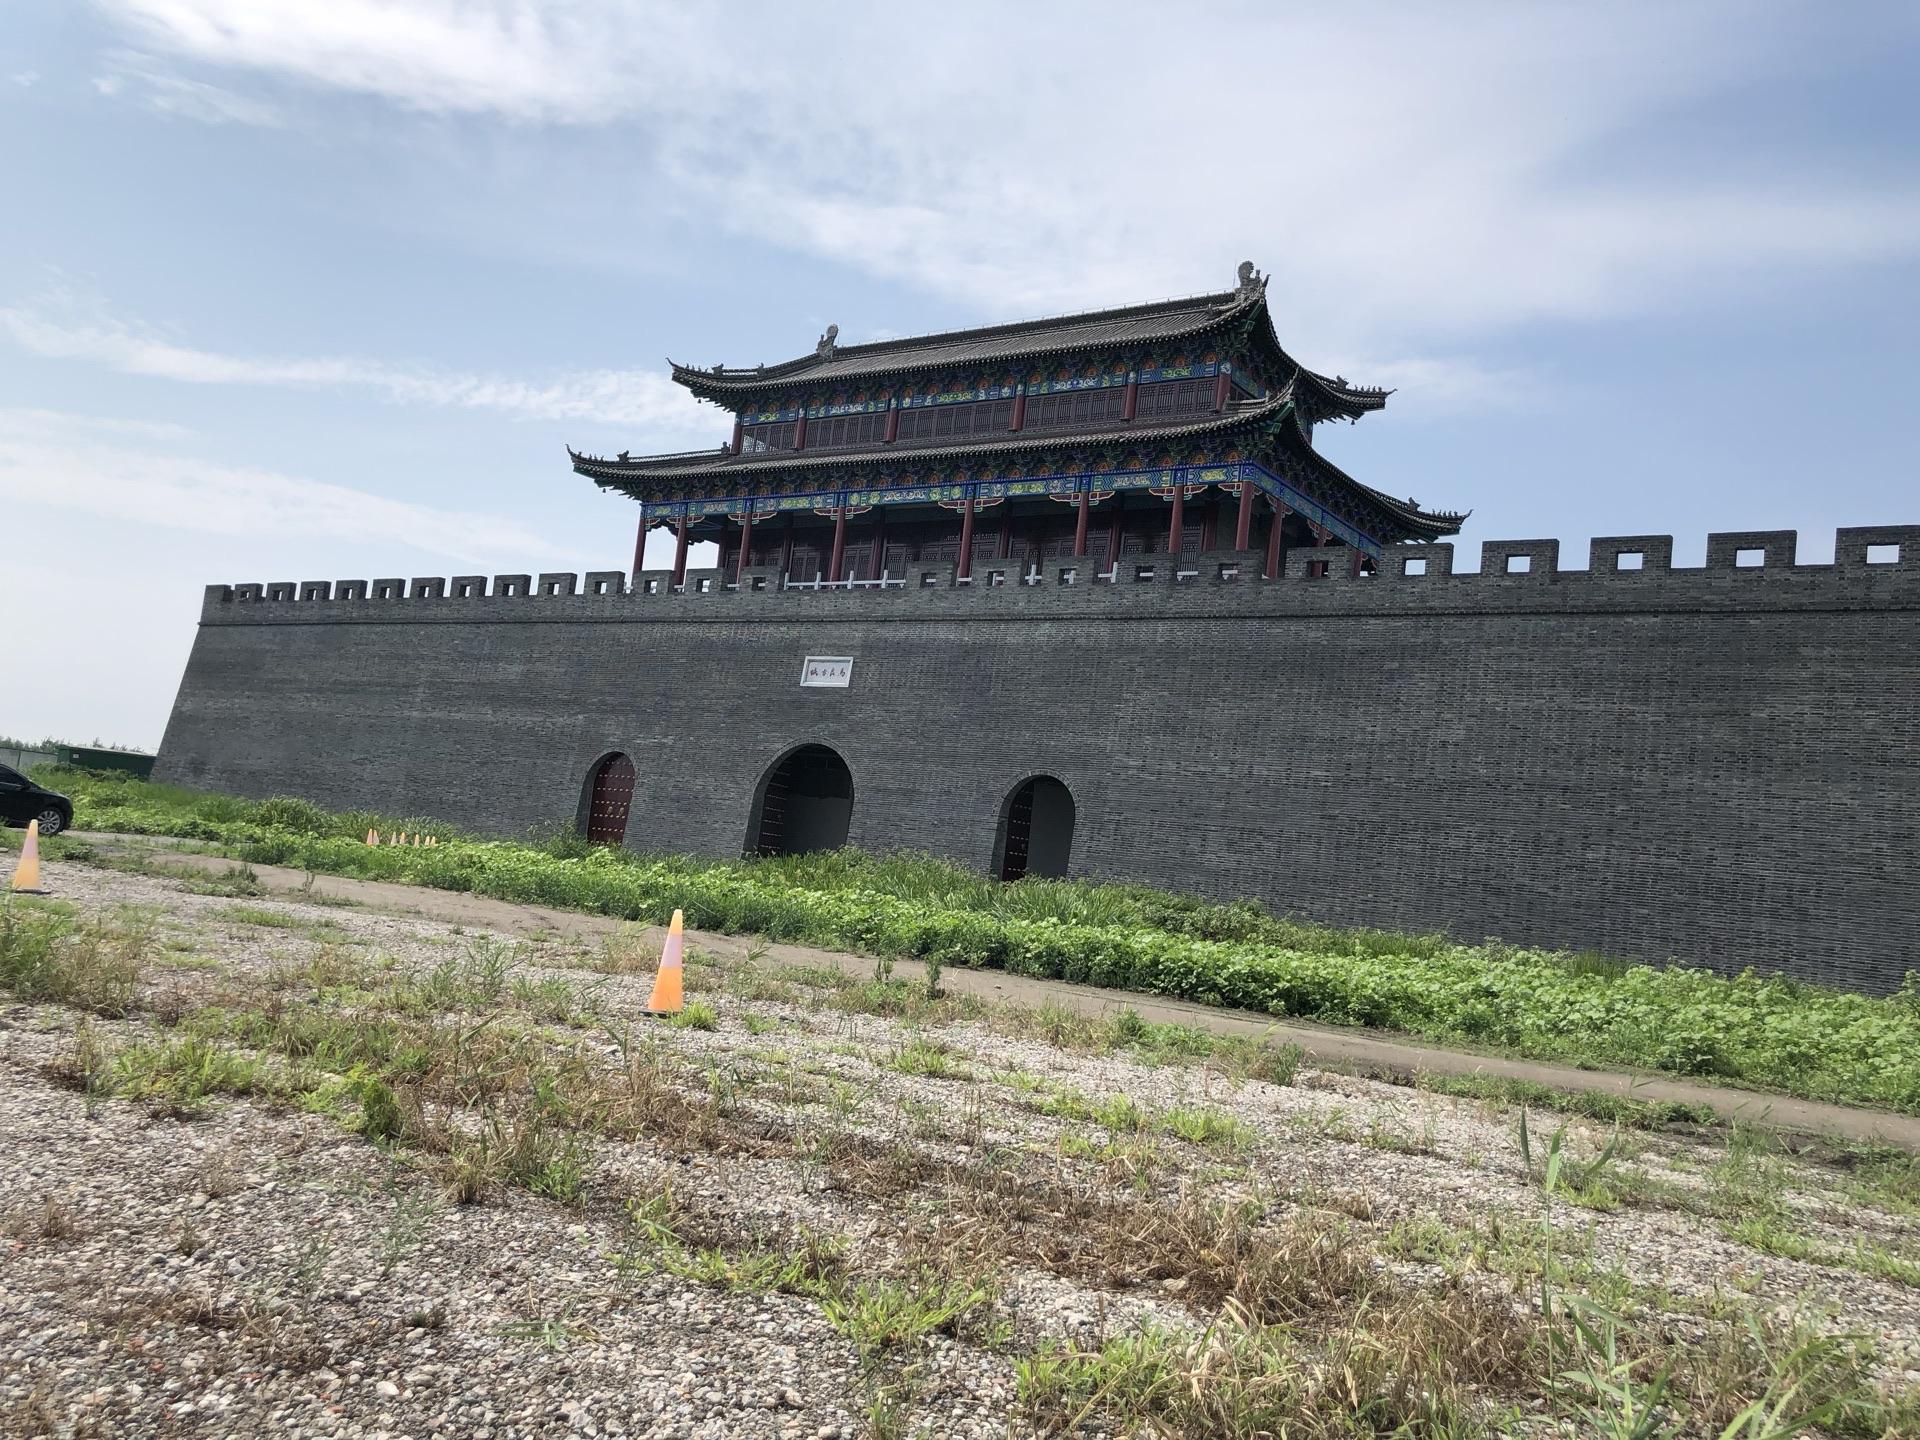 Funingxian Majiadang Mengli Shuixiang Leisure Farm